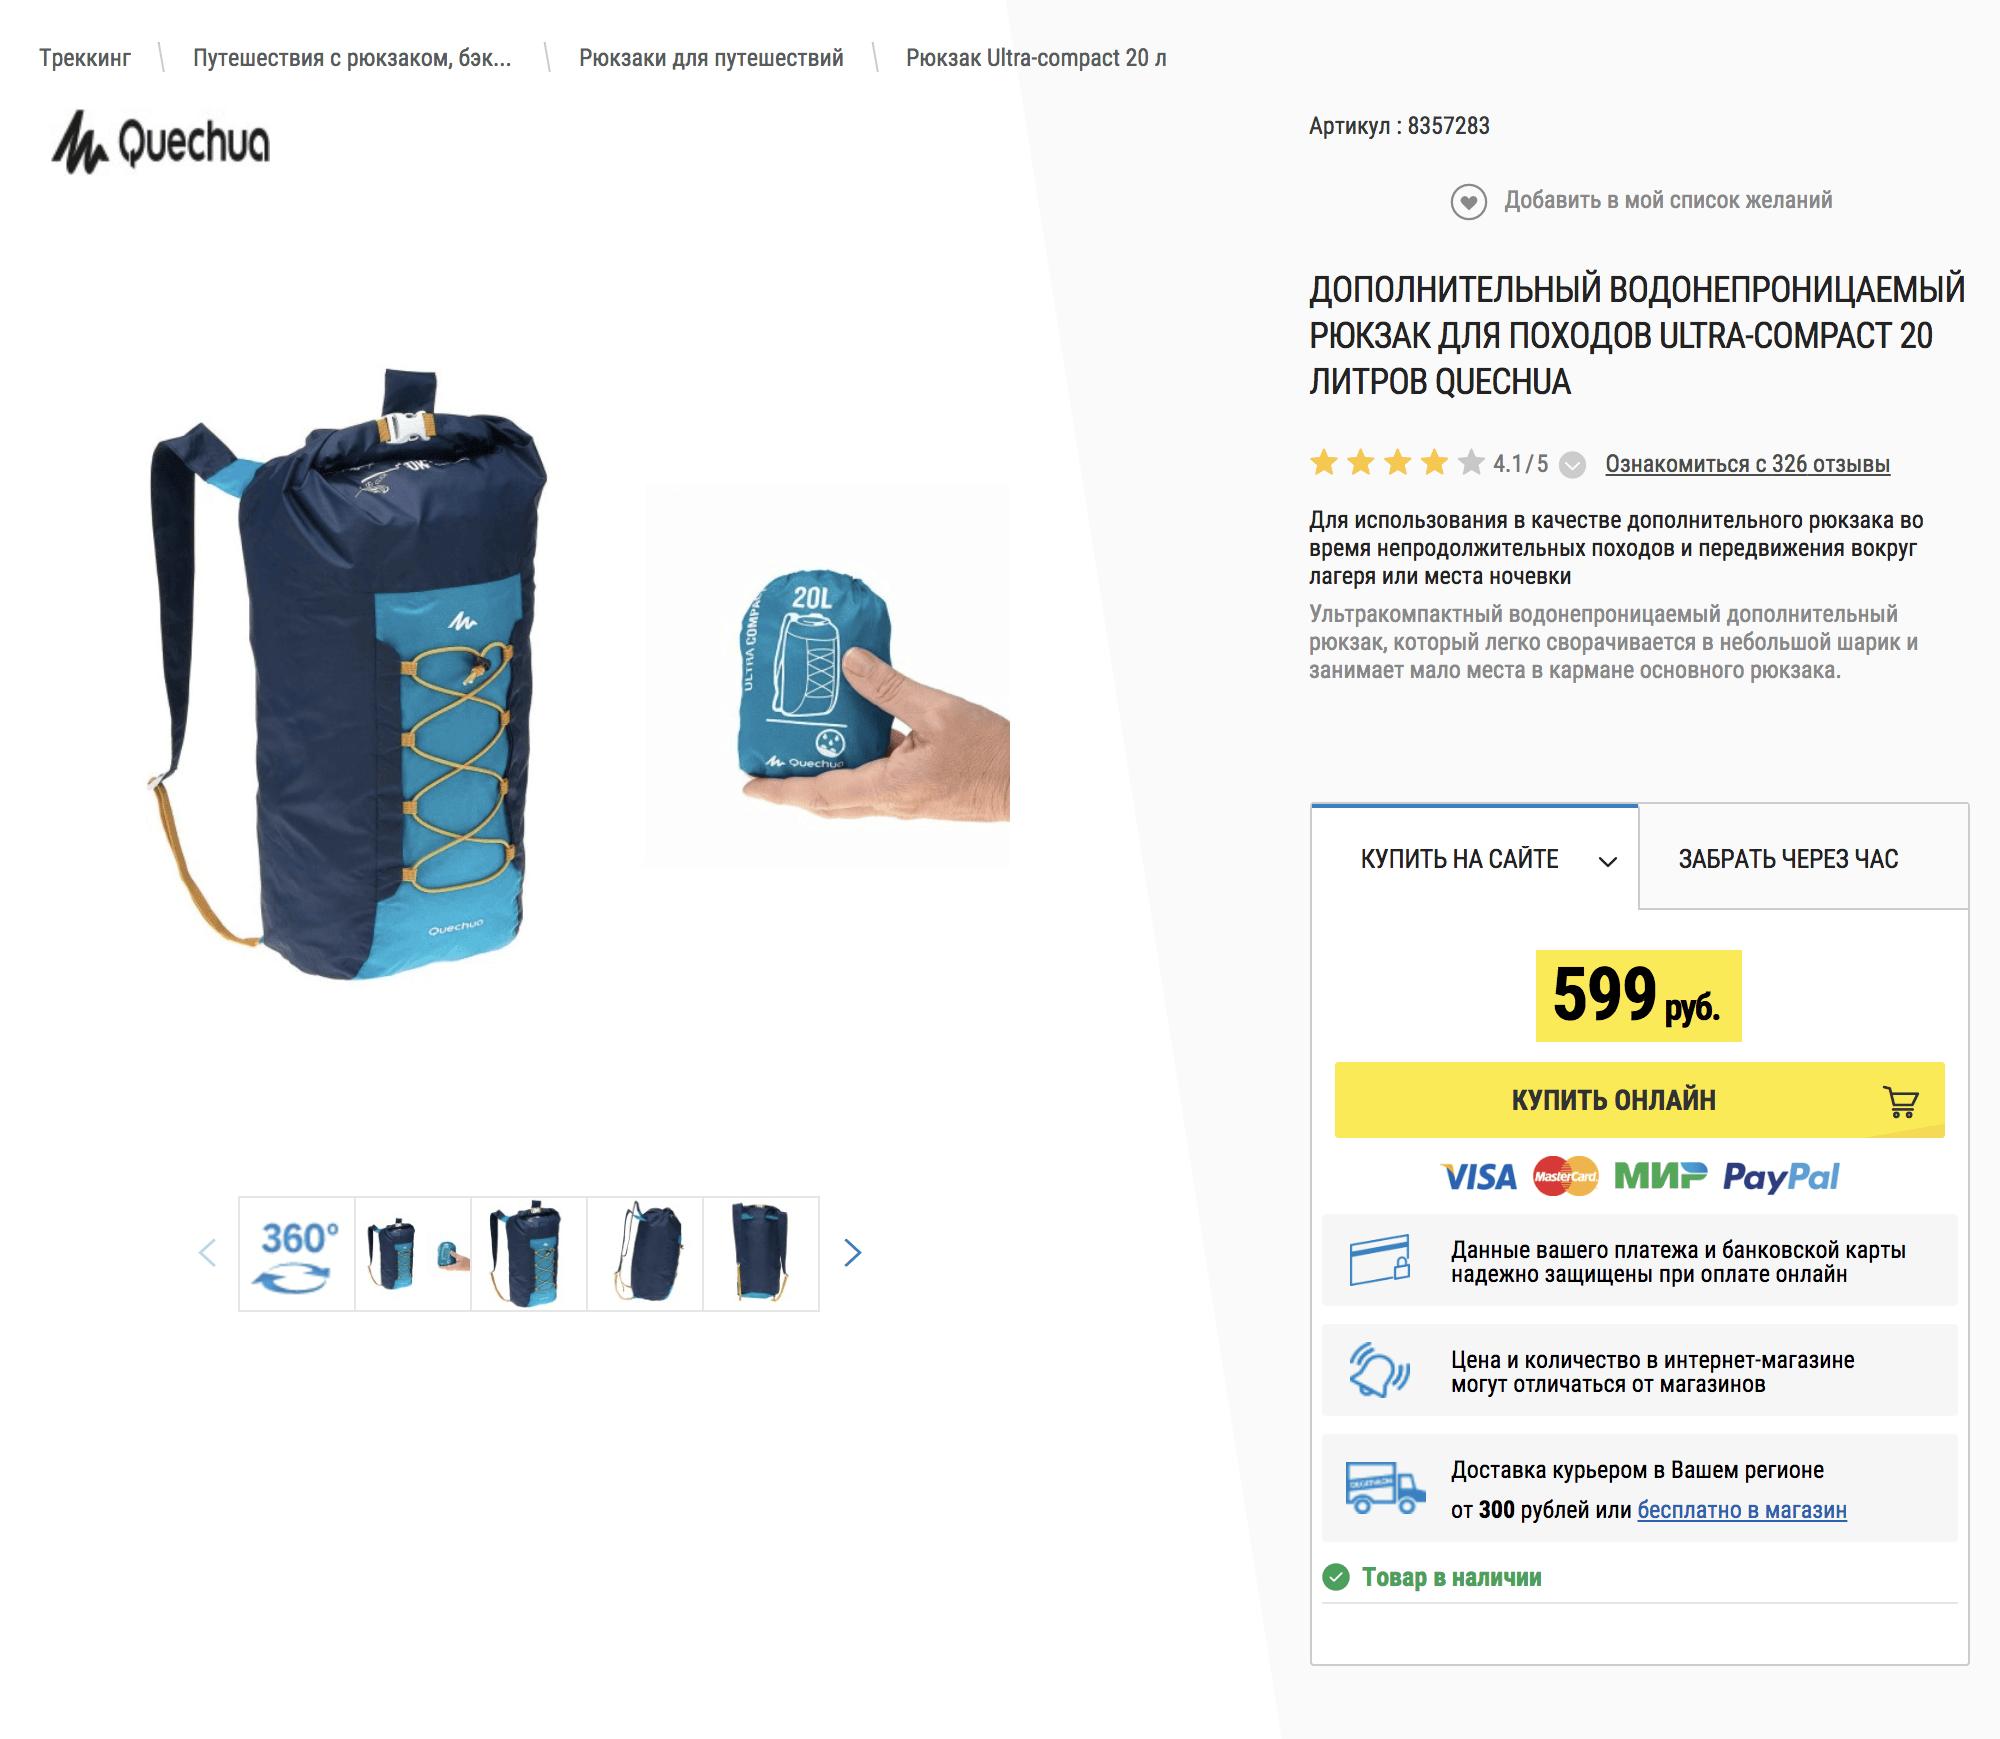 Рекомендую еще взять вот такой дополнительный рюкзак для коротких прогулок. Важно, чтобы он был очень компактным. Источник: Decathlon